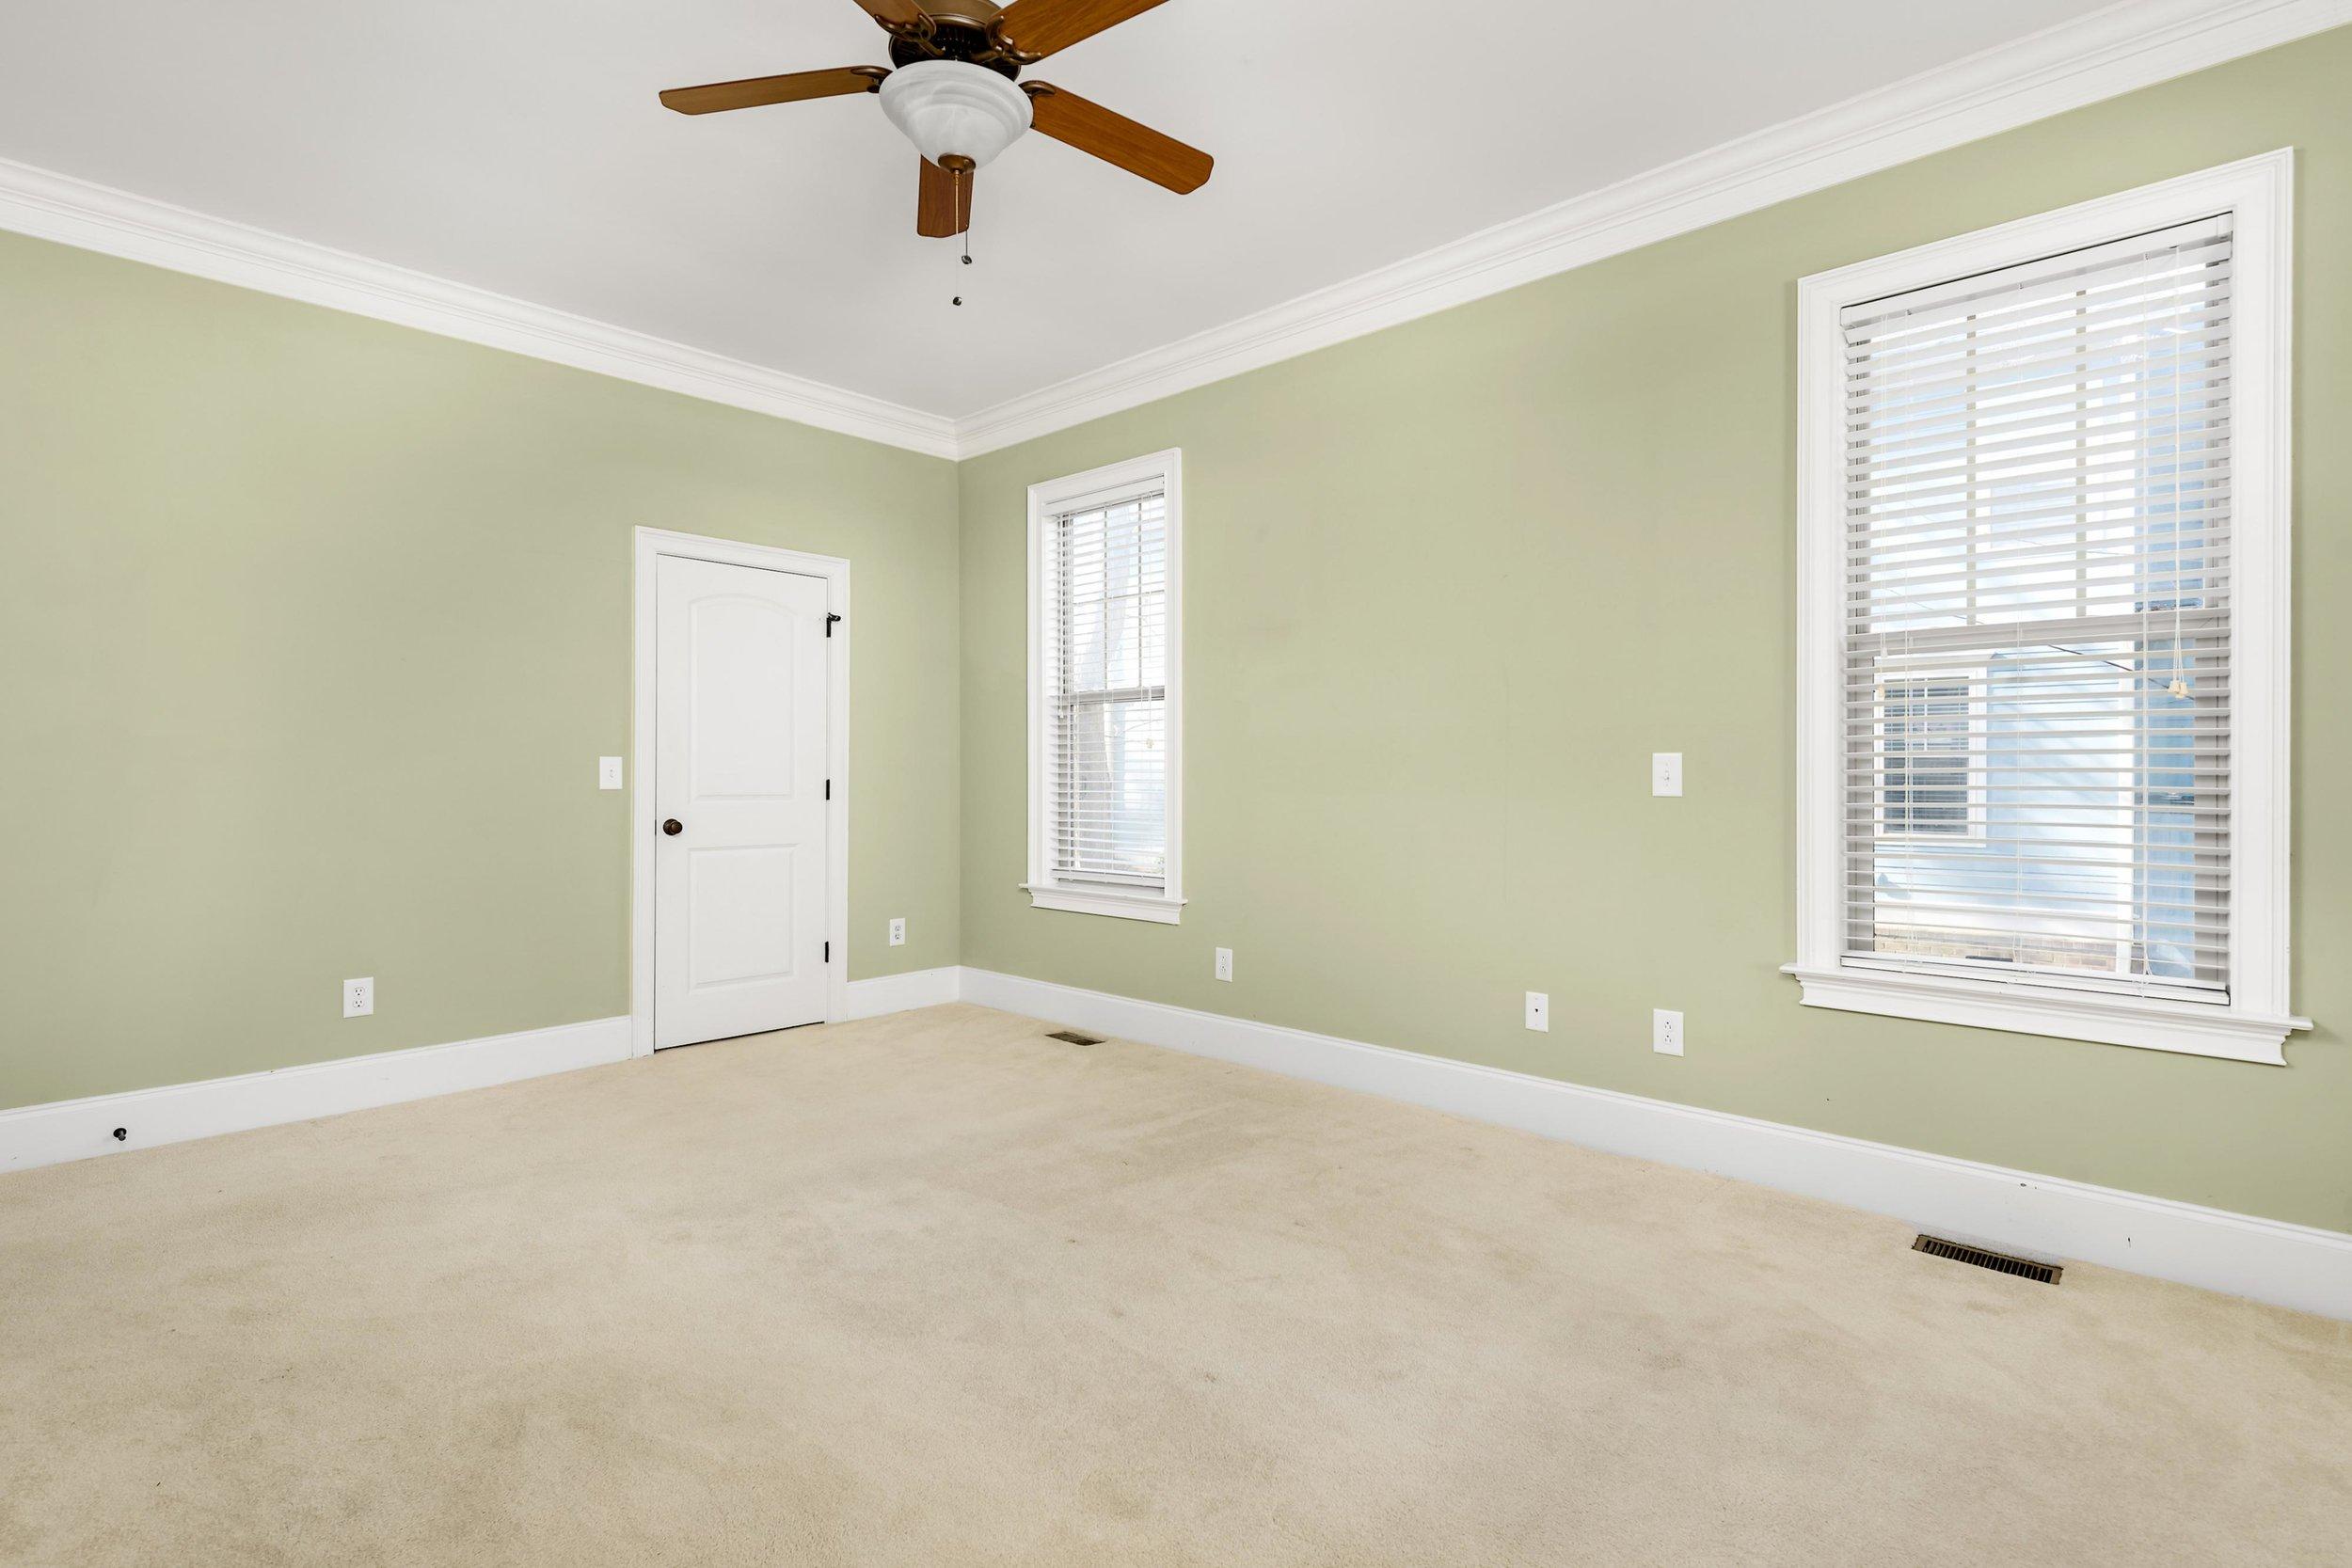 m2 Master Bedroom.jpg